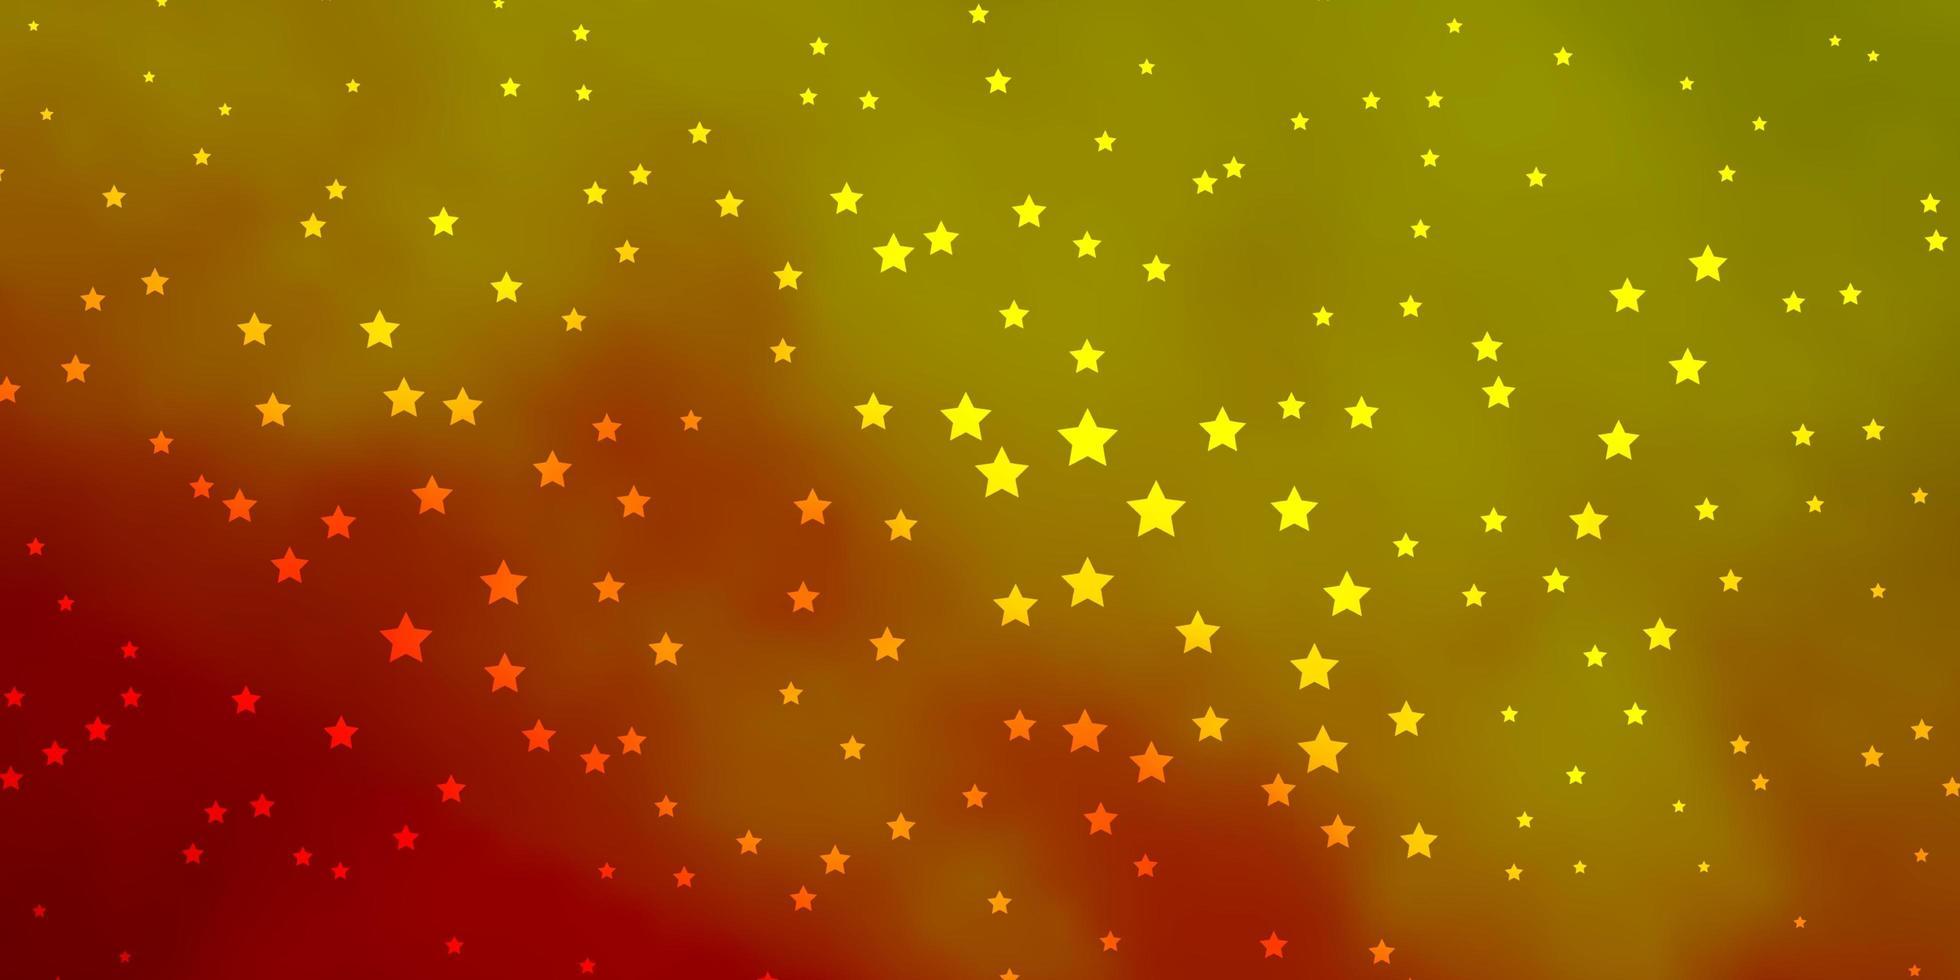 dunkelgrüne, rote Vektorbeschaffenheit mit schönen Sternen. vektor